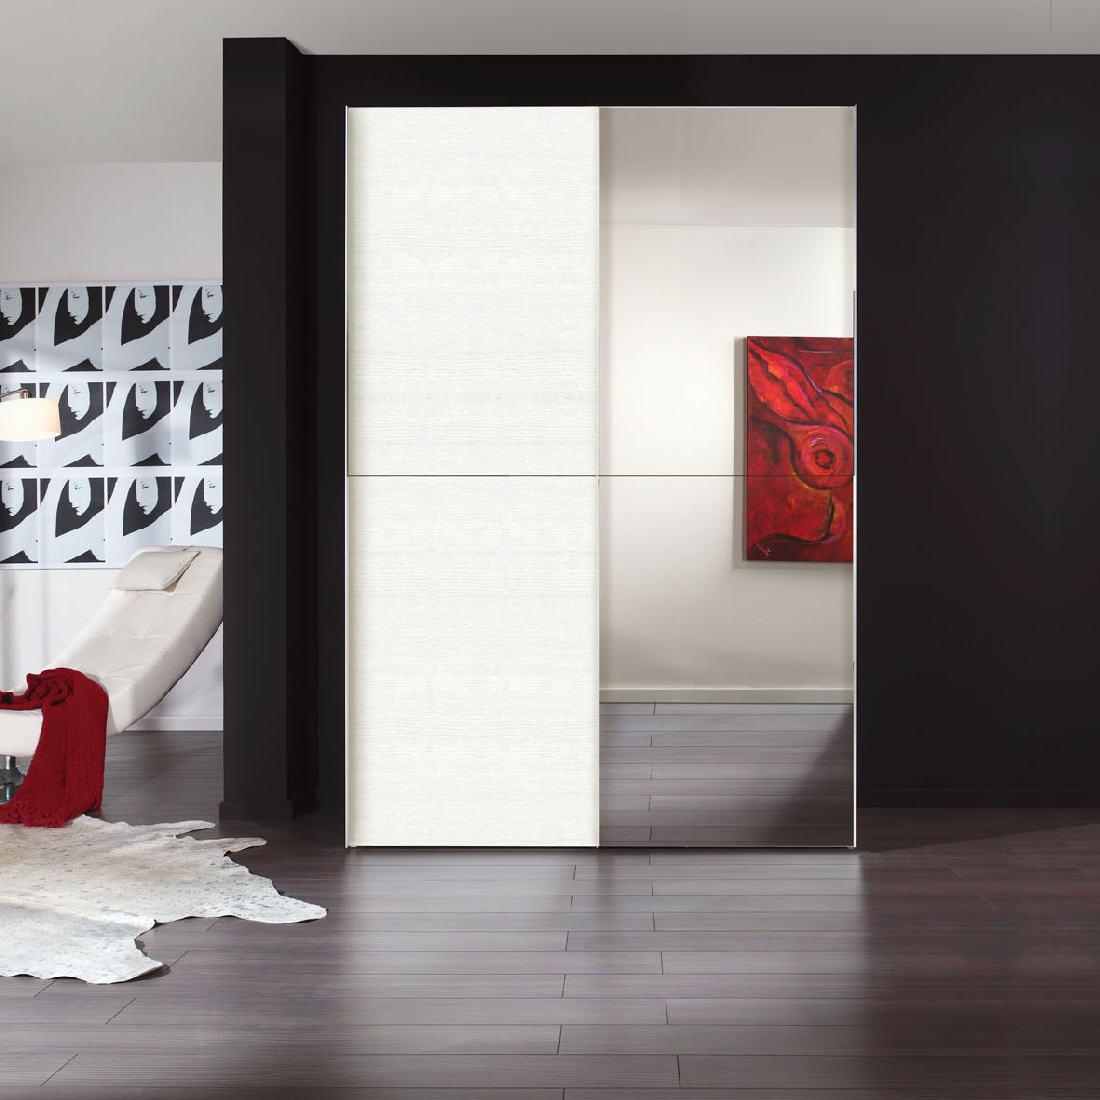 Malerisch Schwebetürenschrank 2 M Beste Wahl Gallery Of Trig Spiegel Struktur Wei Schrank